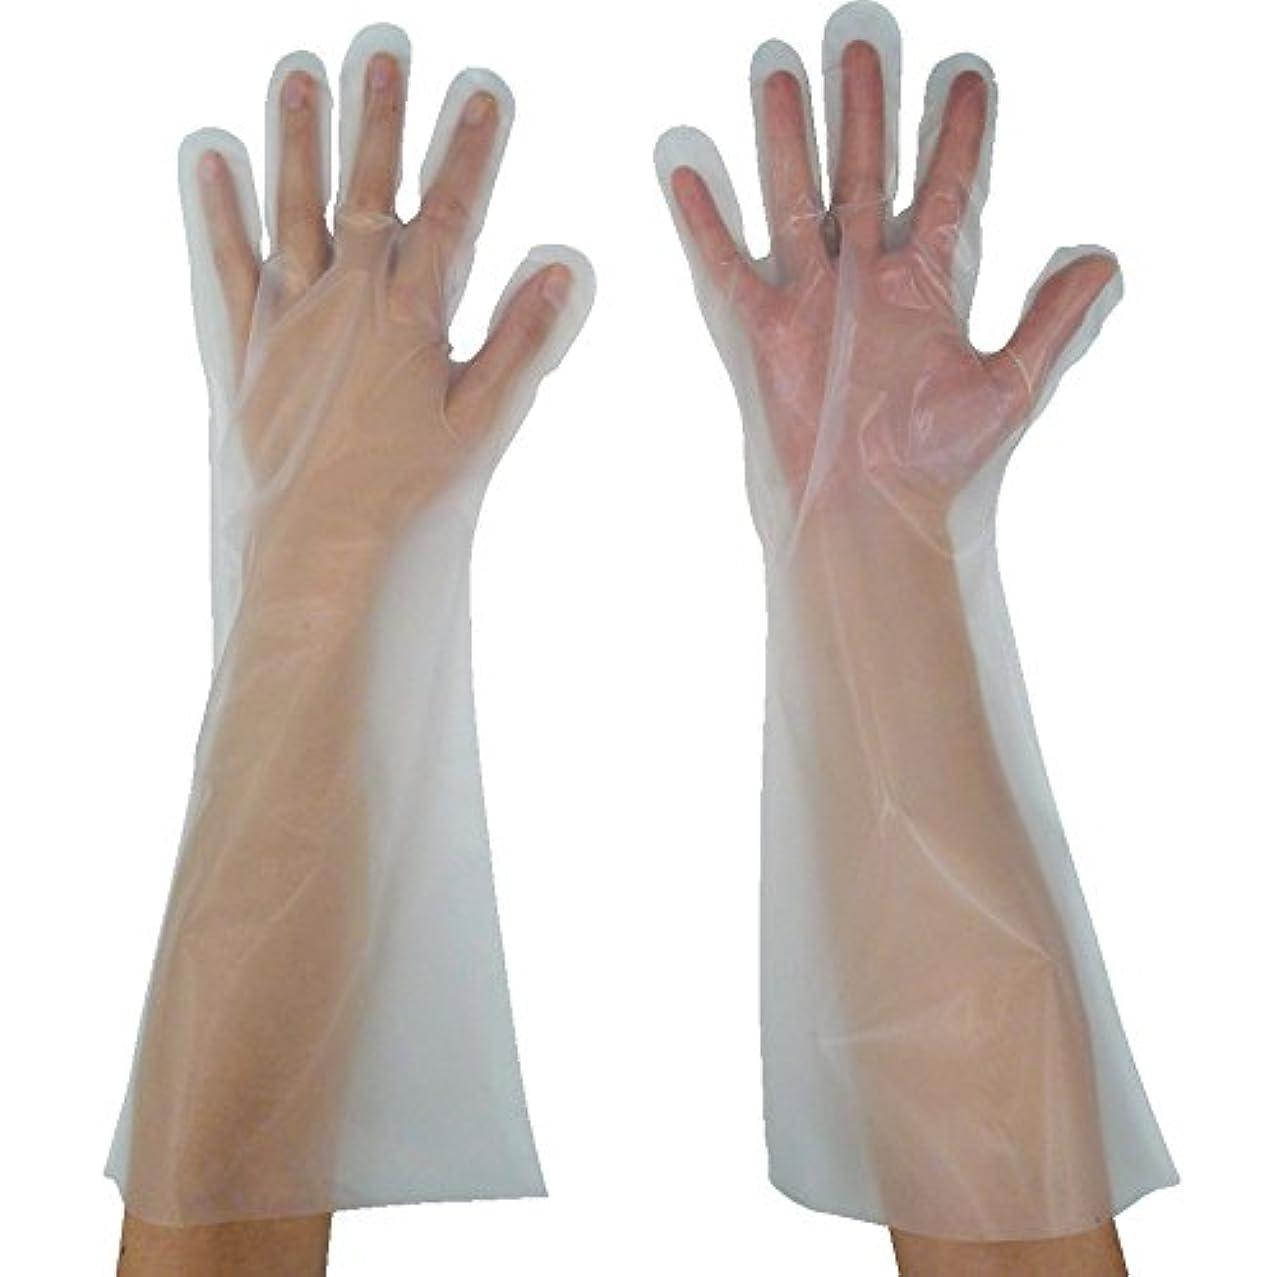 責風邪をひく遺棄された東京パック 緊急災害対策用手袋ロング五本絞りL 半透明 KL-L ポリエチレン使い捨て手袋